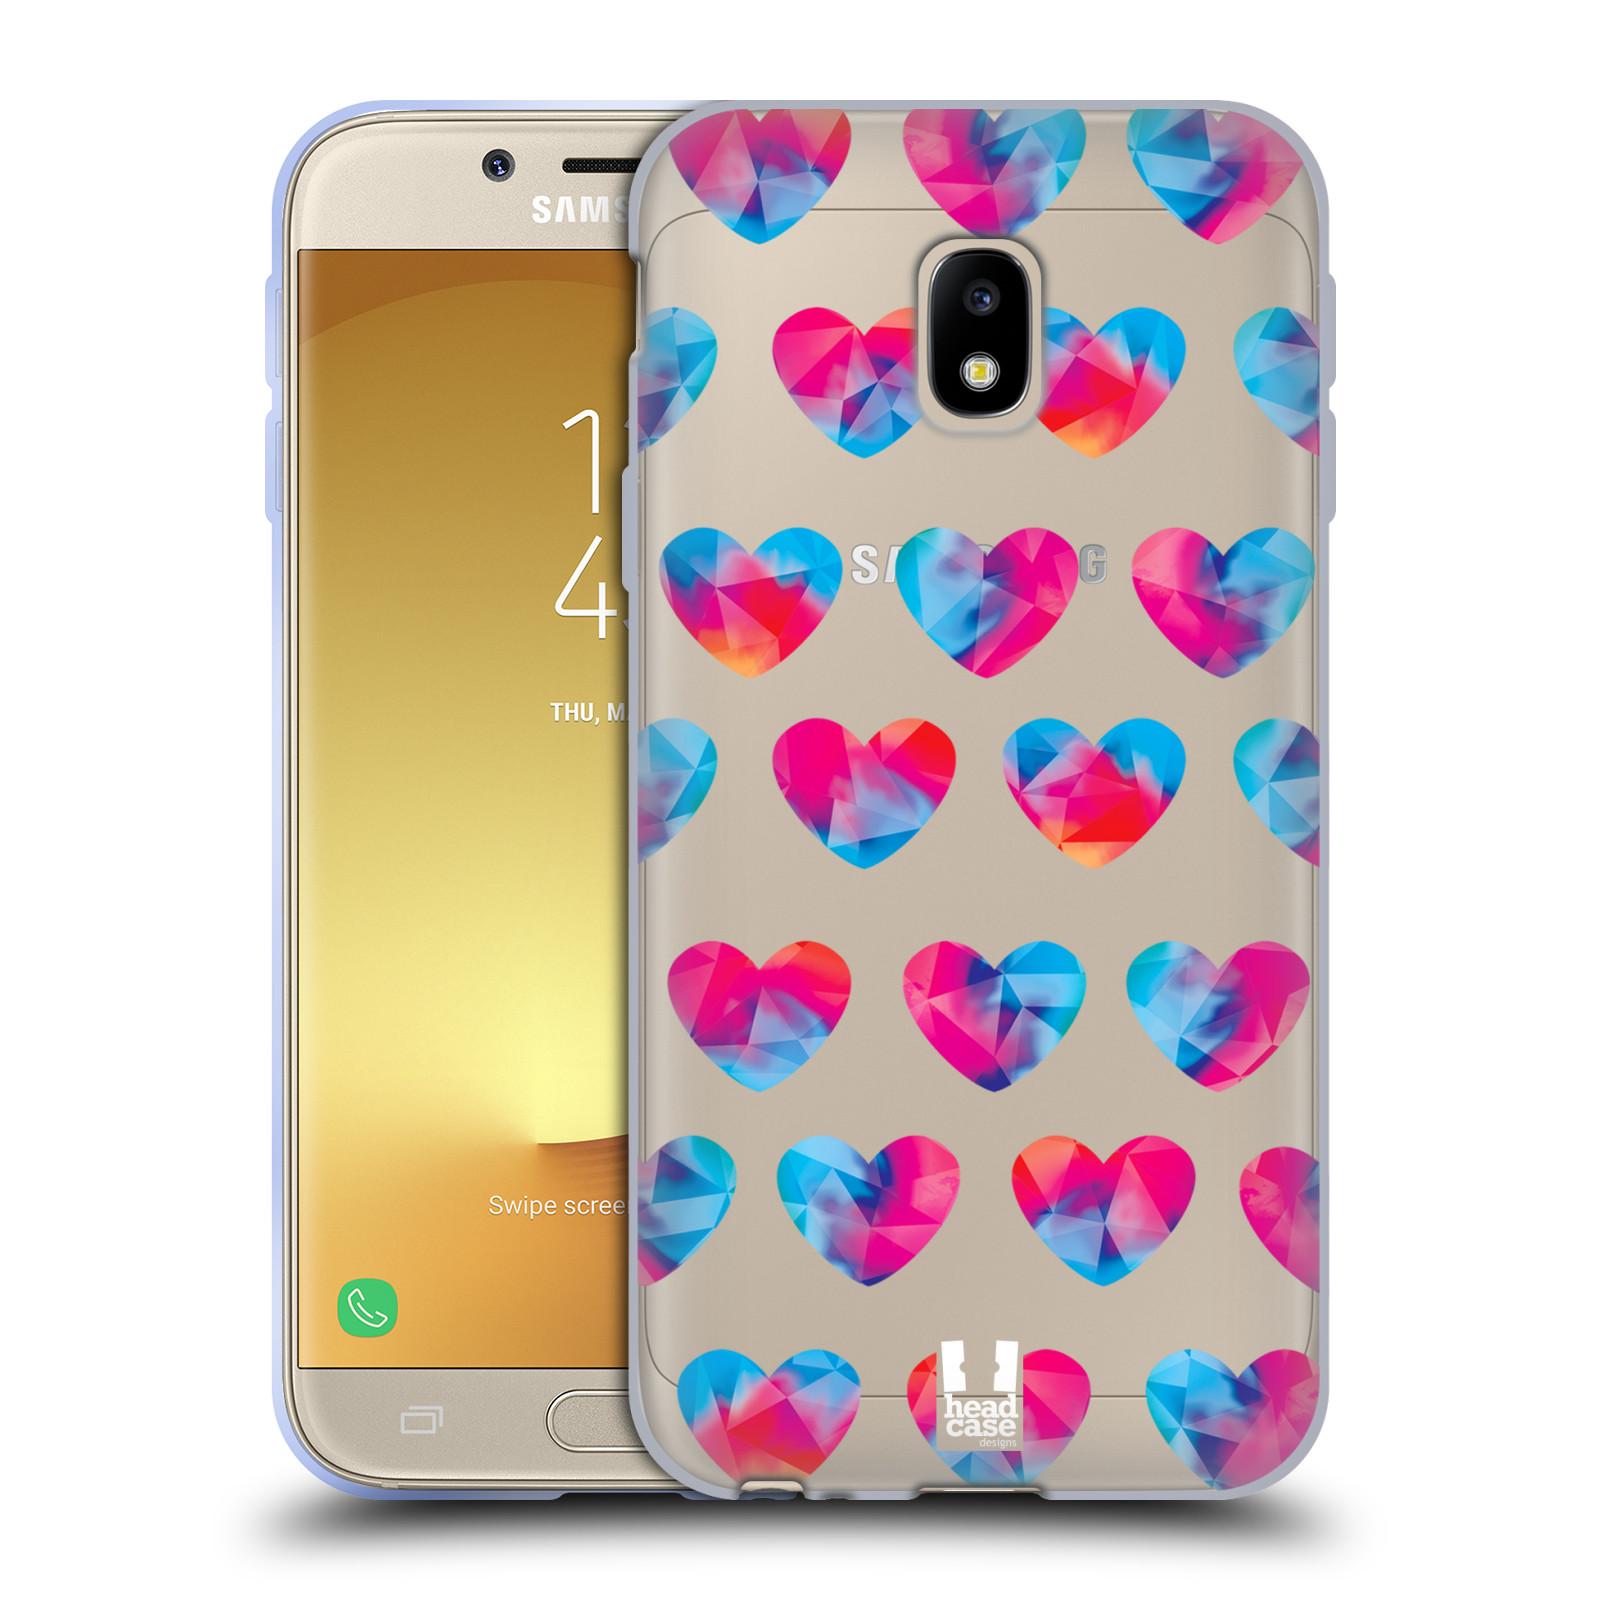 Silikonové pouzdro na mobil Samsung Galaxy J3 (2017) - Head Case - Srdíčka hrající barvami